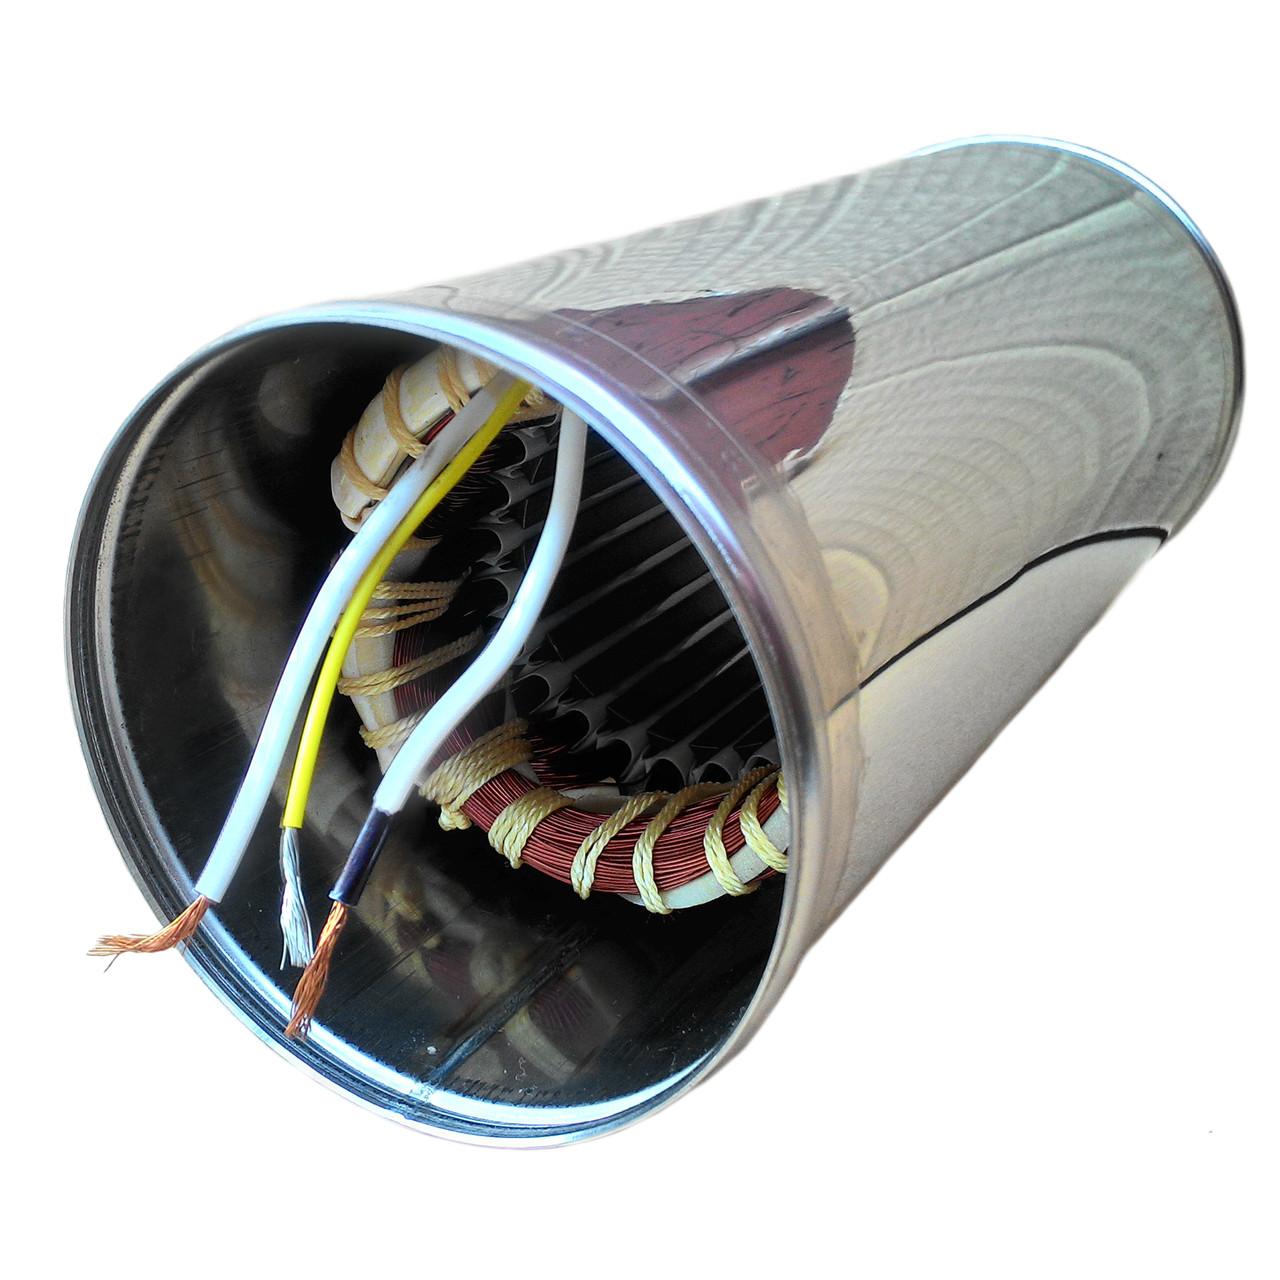 Обмотка статора в корпусе БЦПЭ 0,32-100 У для насоса Водолей